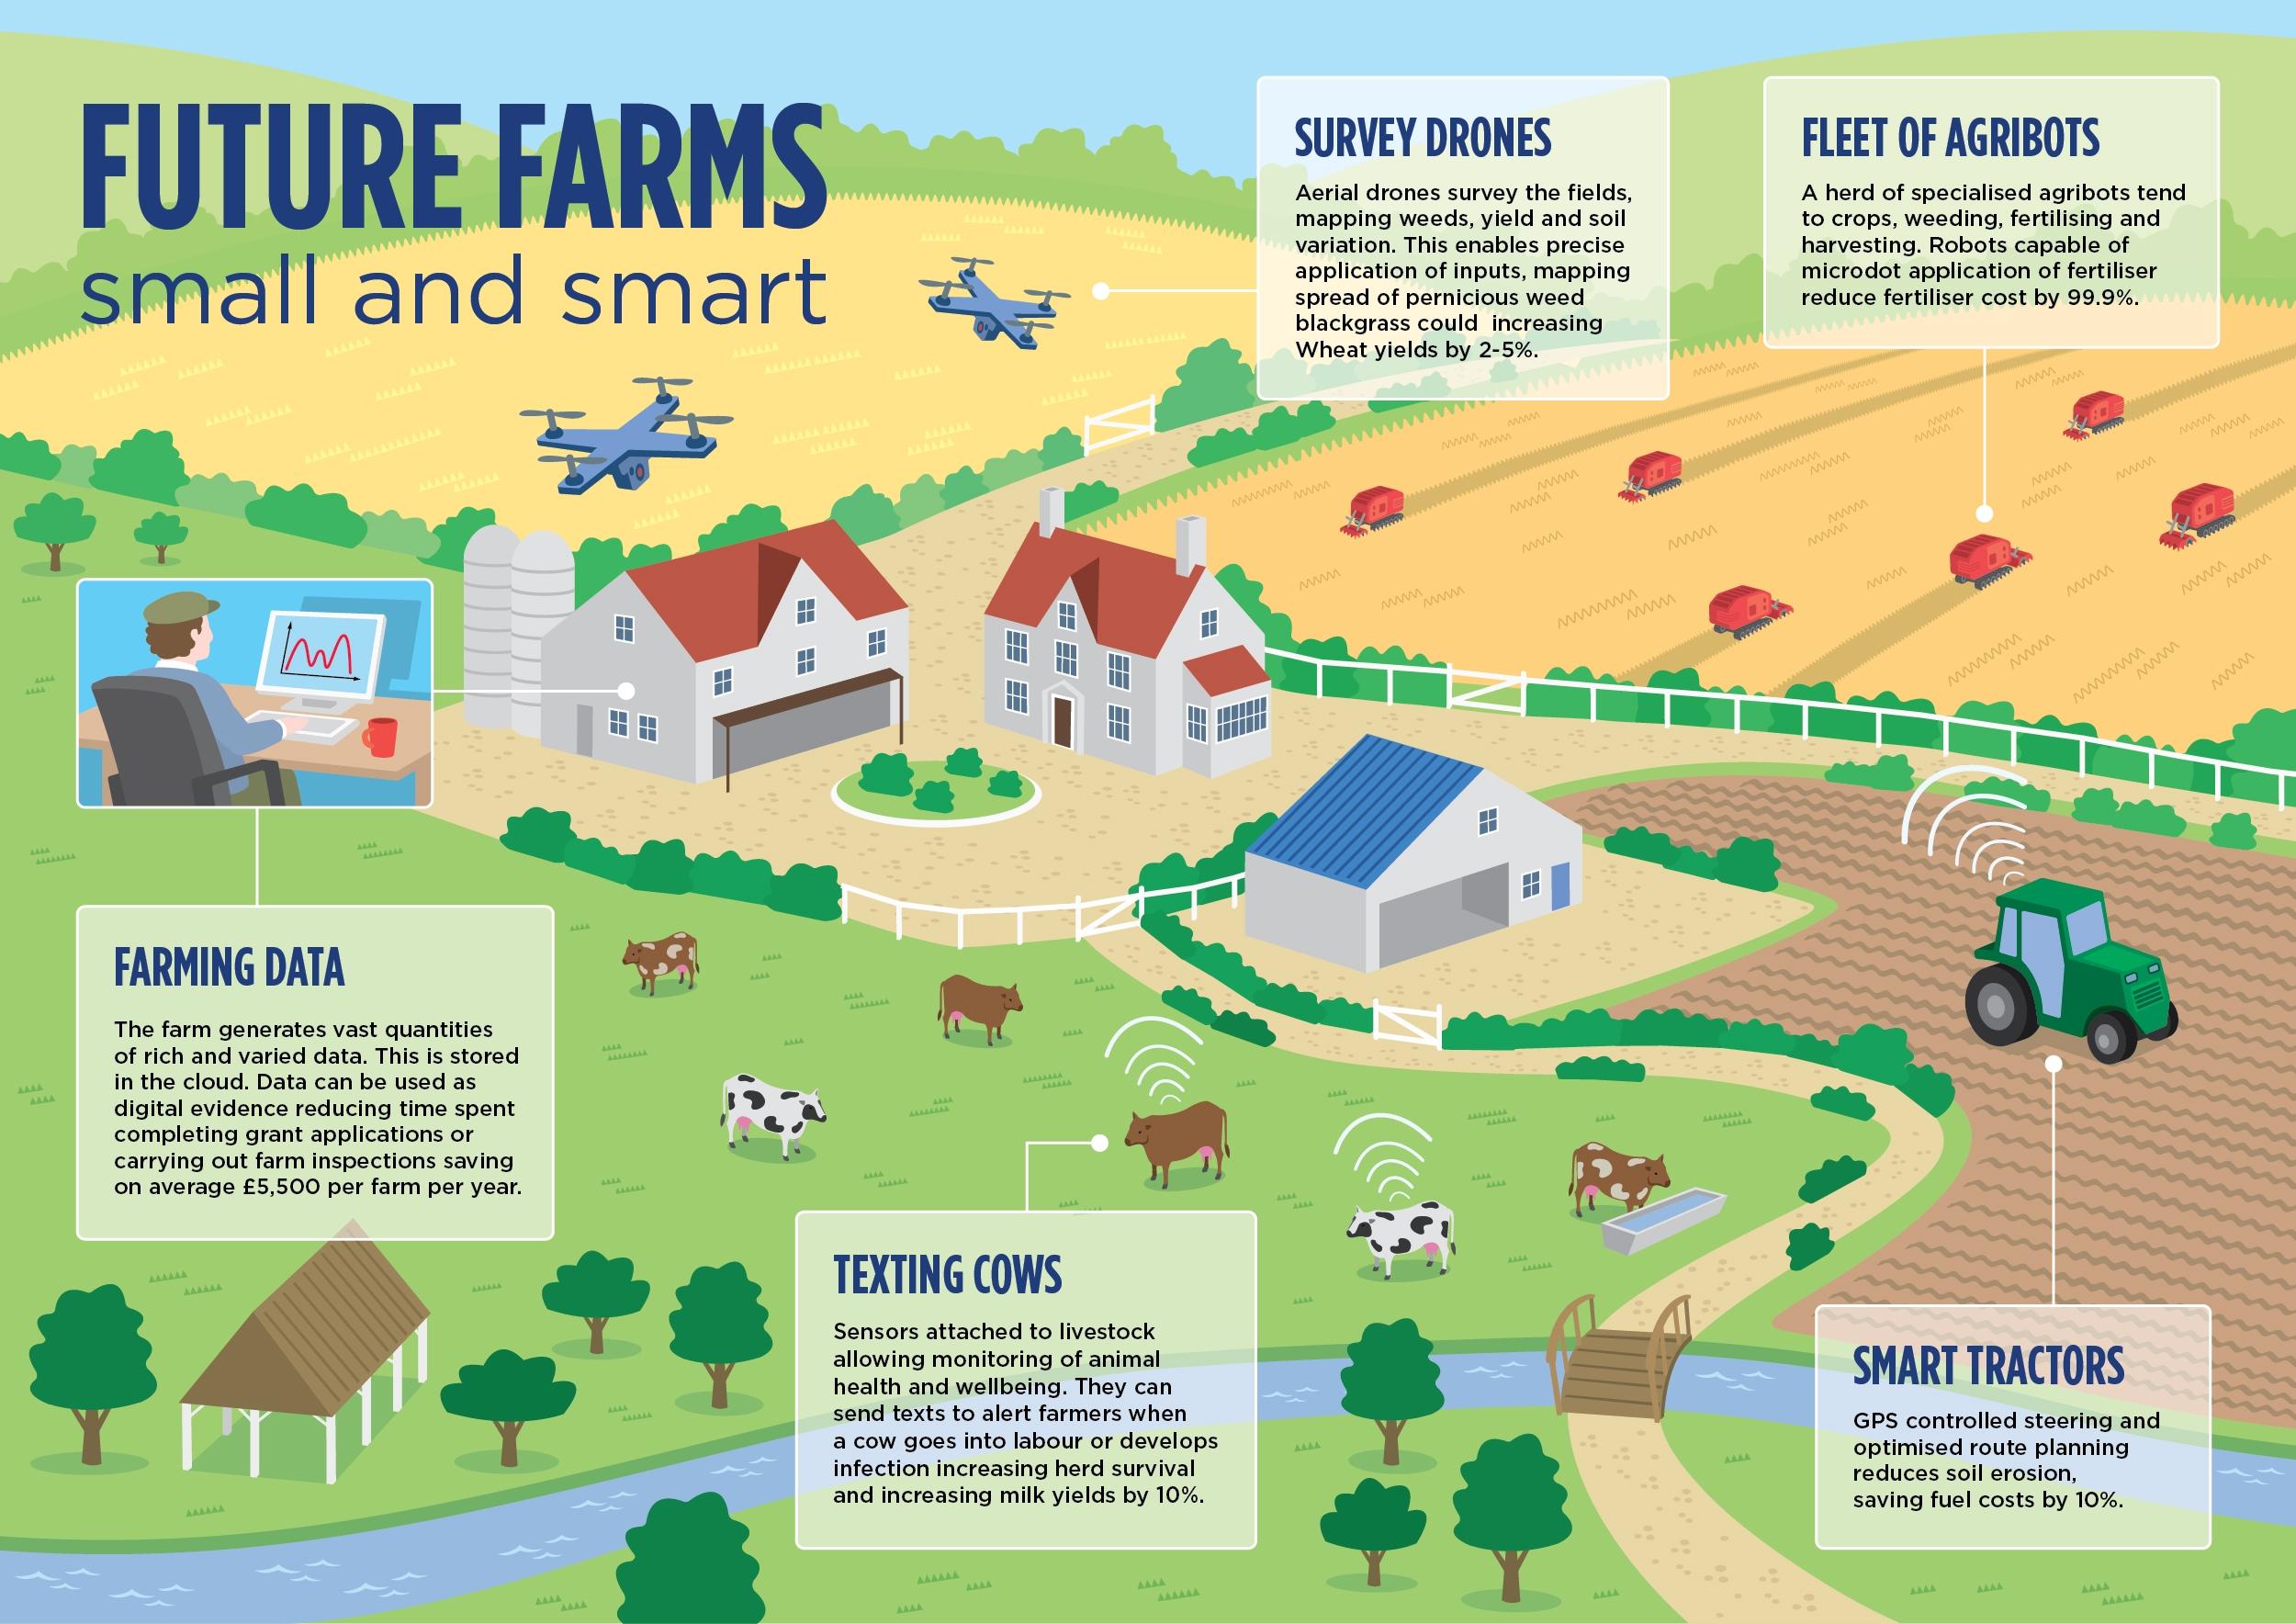 مزارع آینده